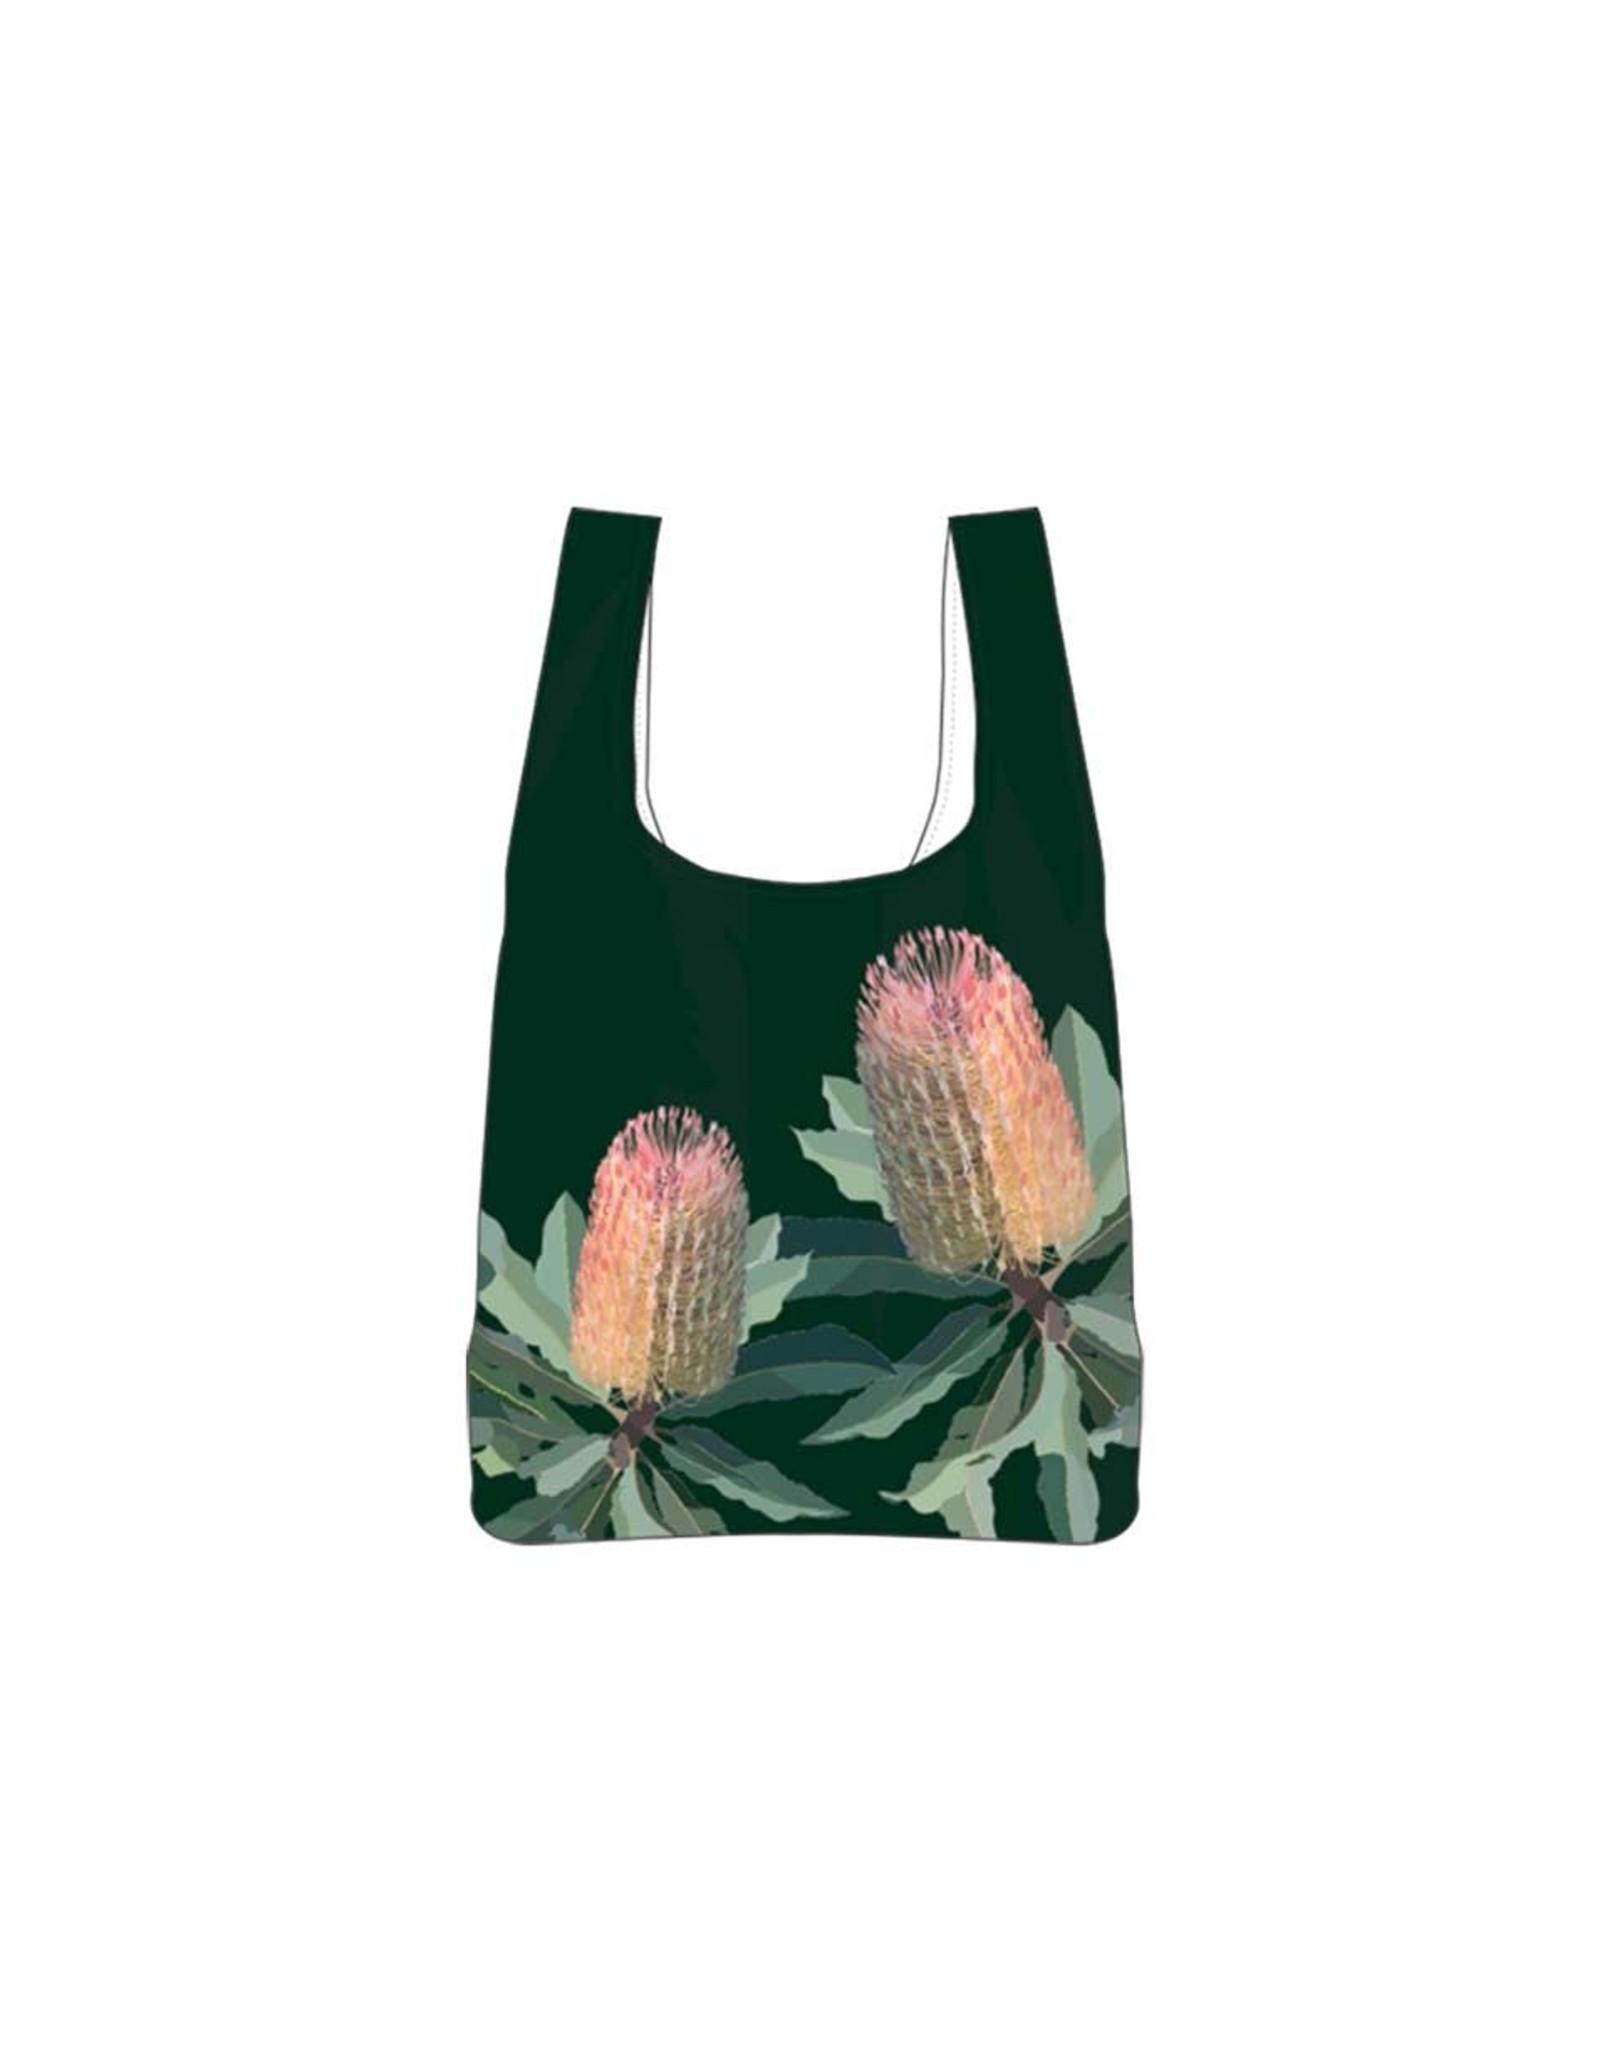 Ashdene Native Grace Banksia RPET Shopping Bag